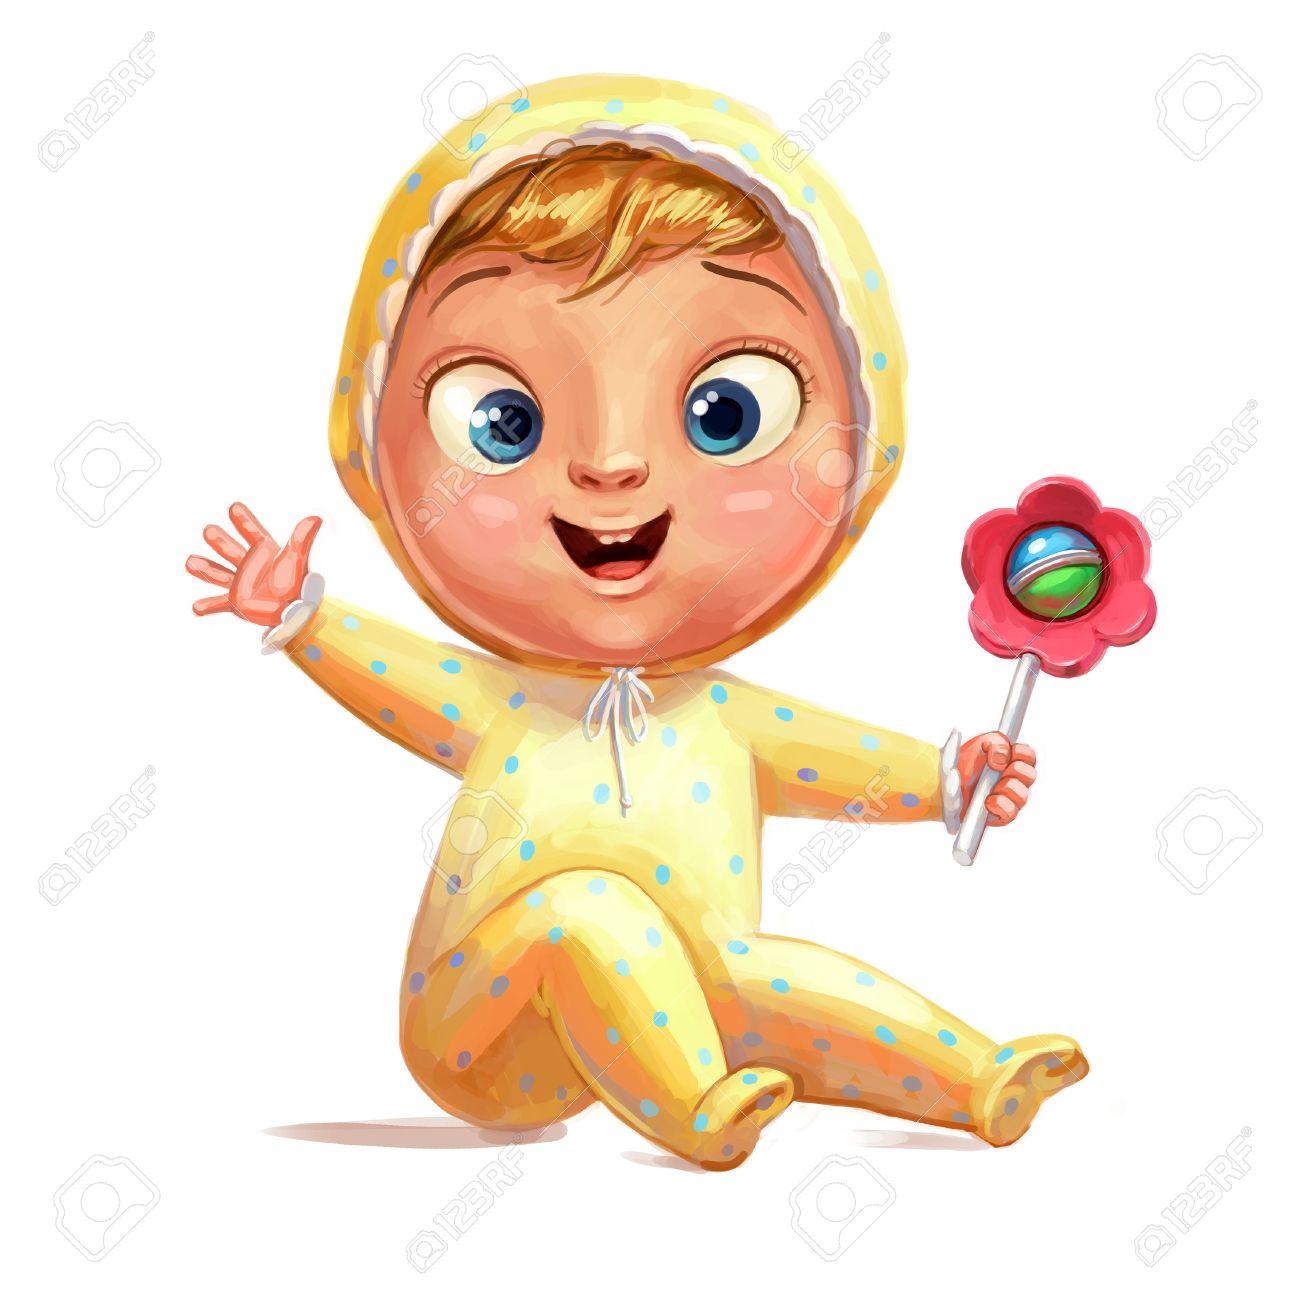 Bébé Drôle Avec Un Hochet Félicitations Pour La Naissance D Un